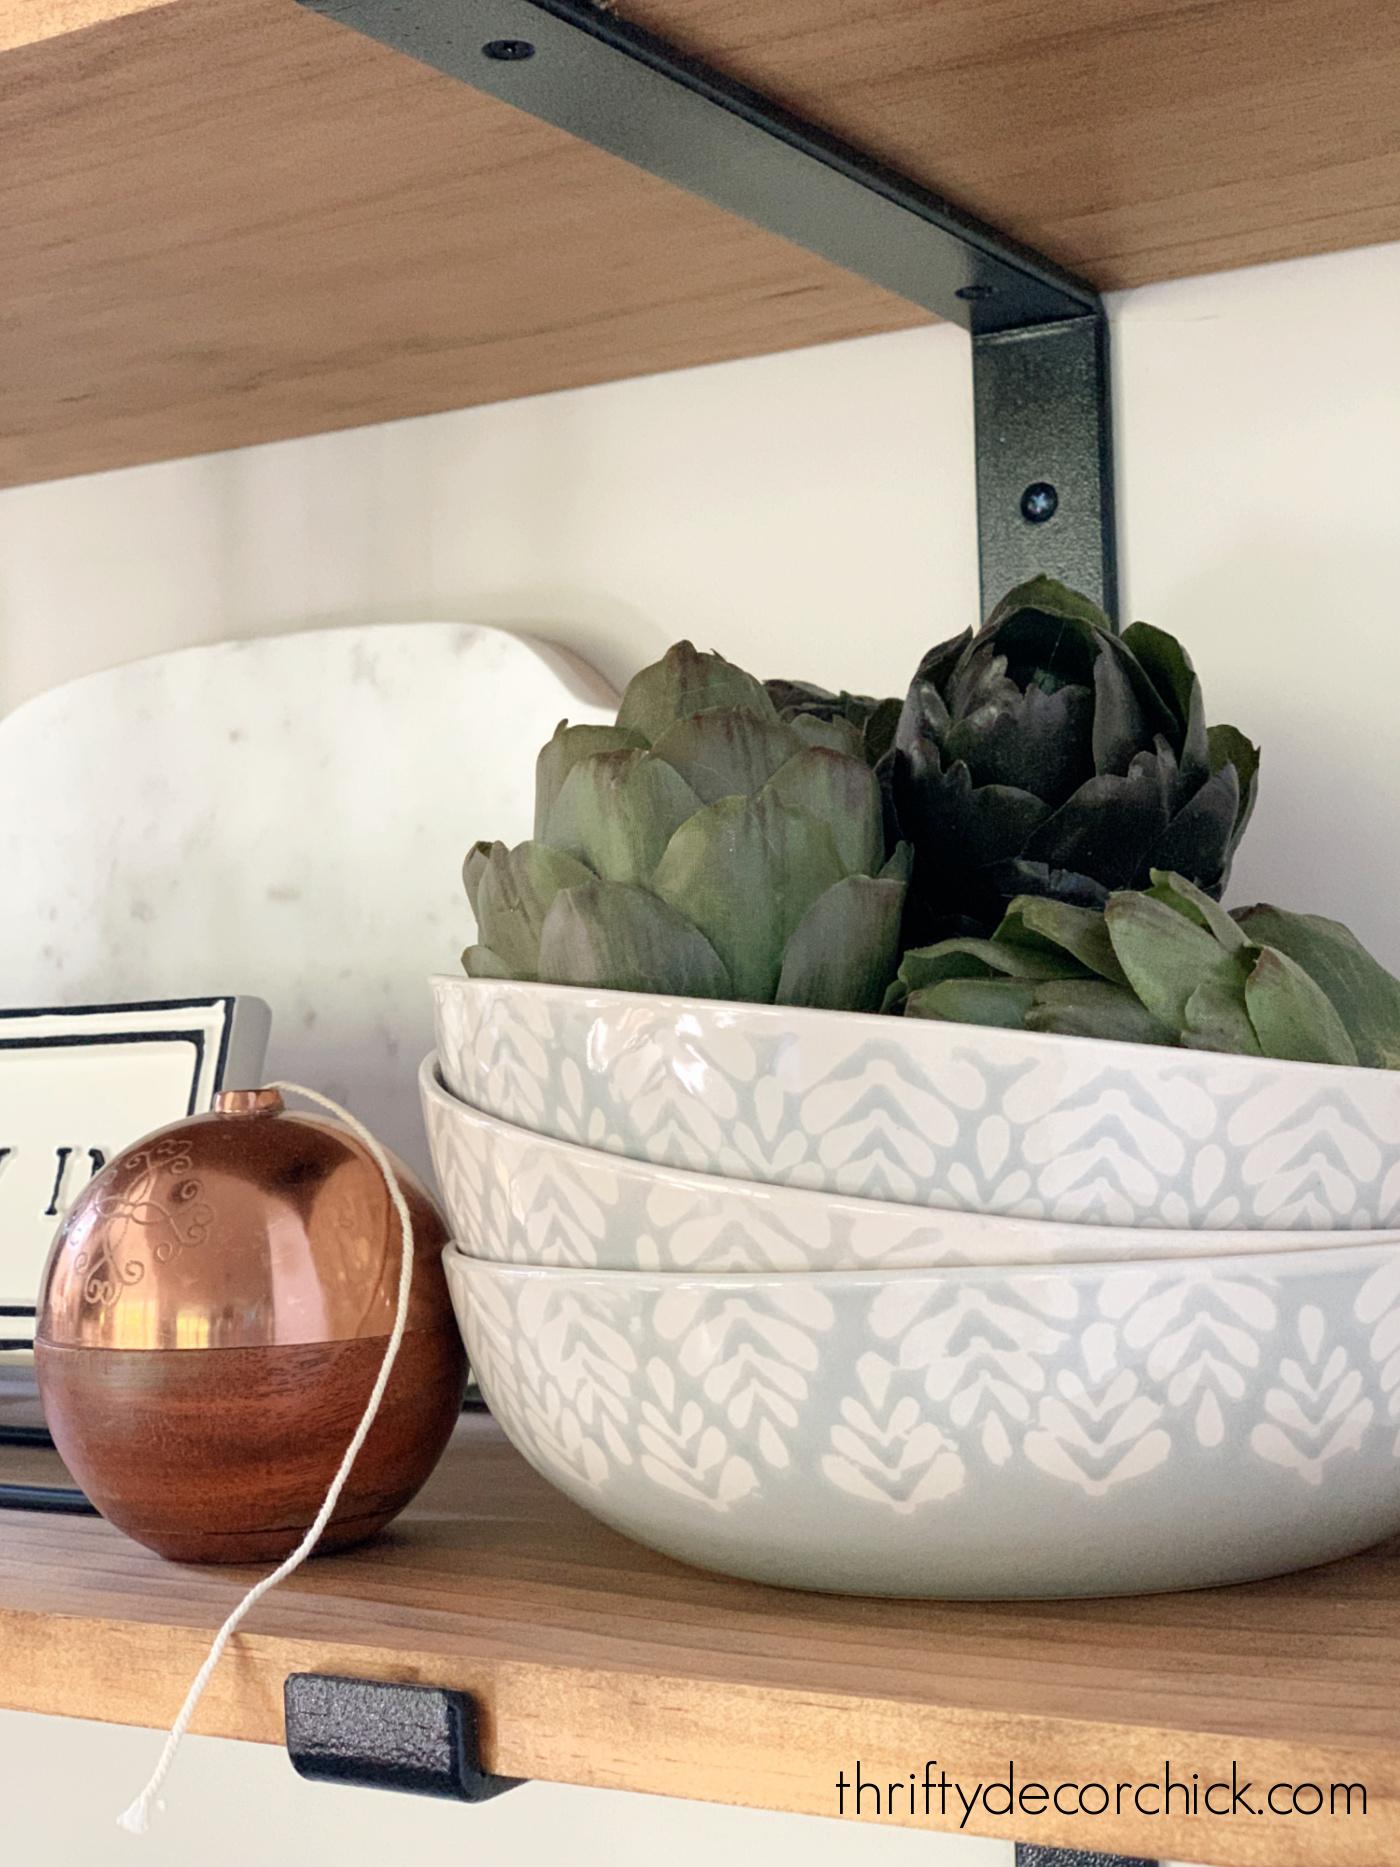 Faux artichokes in bowl